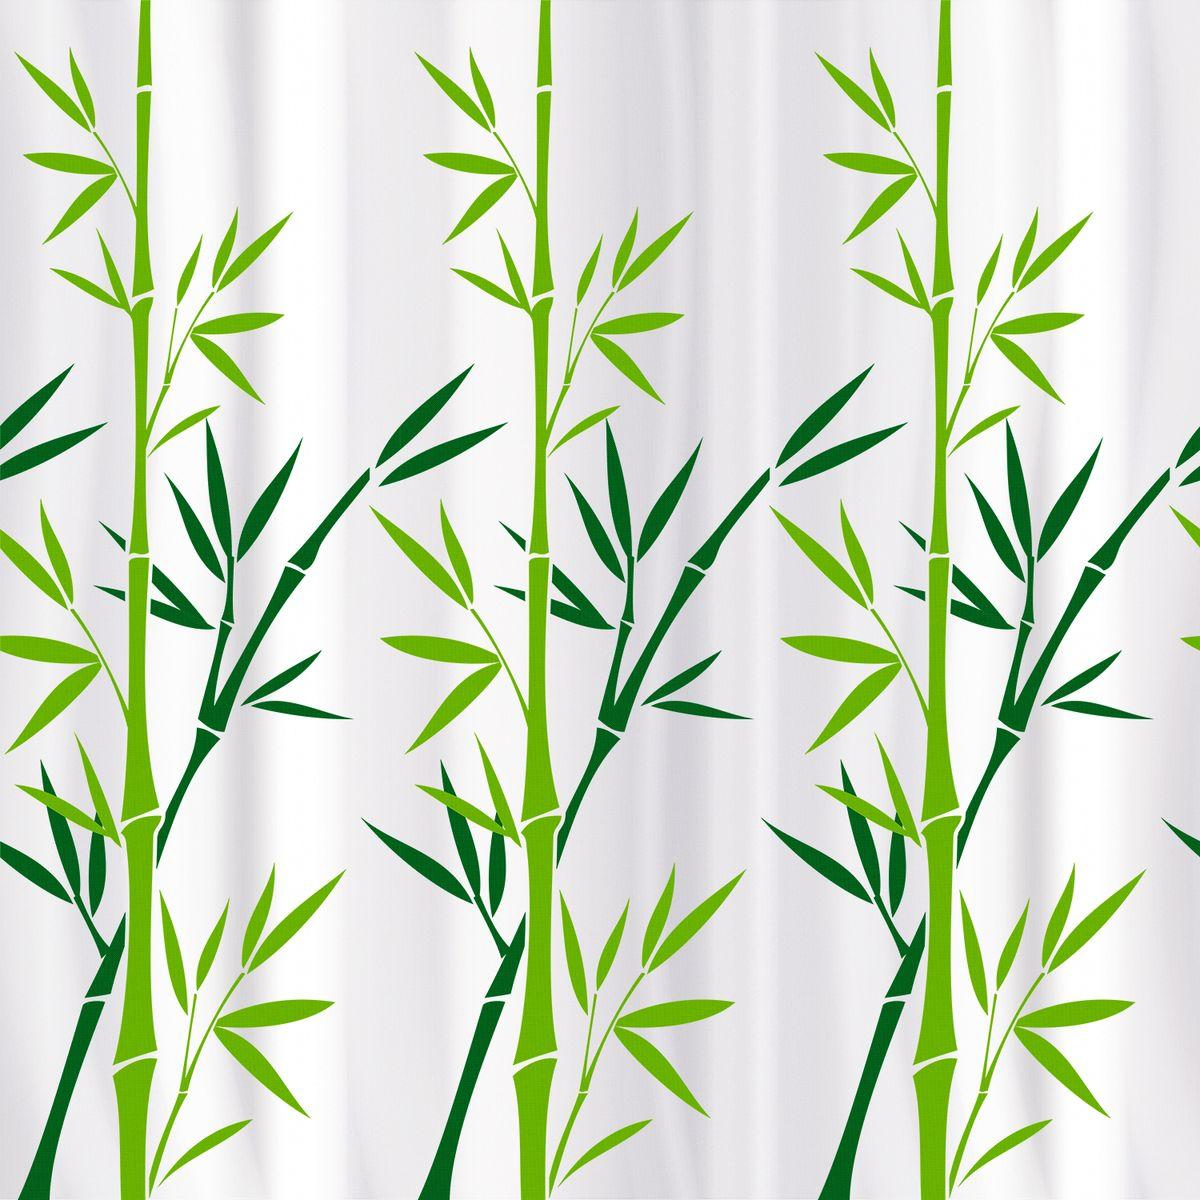 Штора для ванной Tatkraft Bamboo Green Textile, с водоотталкивающей пропиткой18013Tatkraft BAMBOO GREEN TEXTILE Тканевая штора для ванной комнаты. • Изделие имеет специальную водоотталкивающую пропитку и антигрибковое покрытие. • Штора быстро сохнет, легко моется и обладает повышенной износостойкостью. • В комплекте также имеется 12 пластиковых овальных колец. • Штора оснащена магнитами-утяжелителями для лучшей фиксации. • Мягкая и приятная на ощупь штора для ванной Tatkraft порадует вас своим ярким дизайном и добавит уюта в ванную комнату. • Можно стирать в стиральной машине при температуре 40°С.